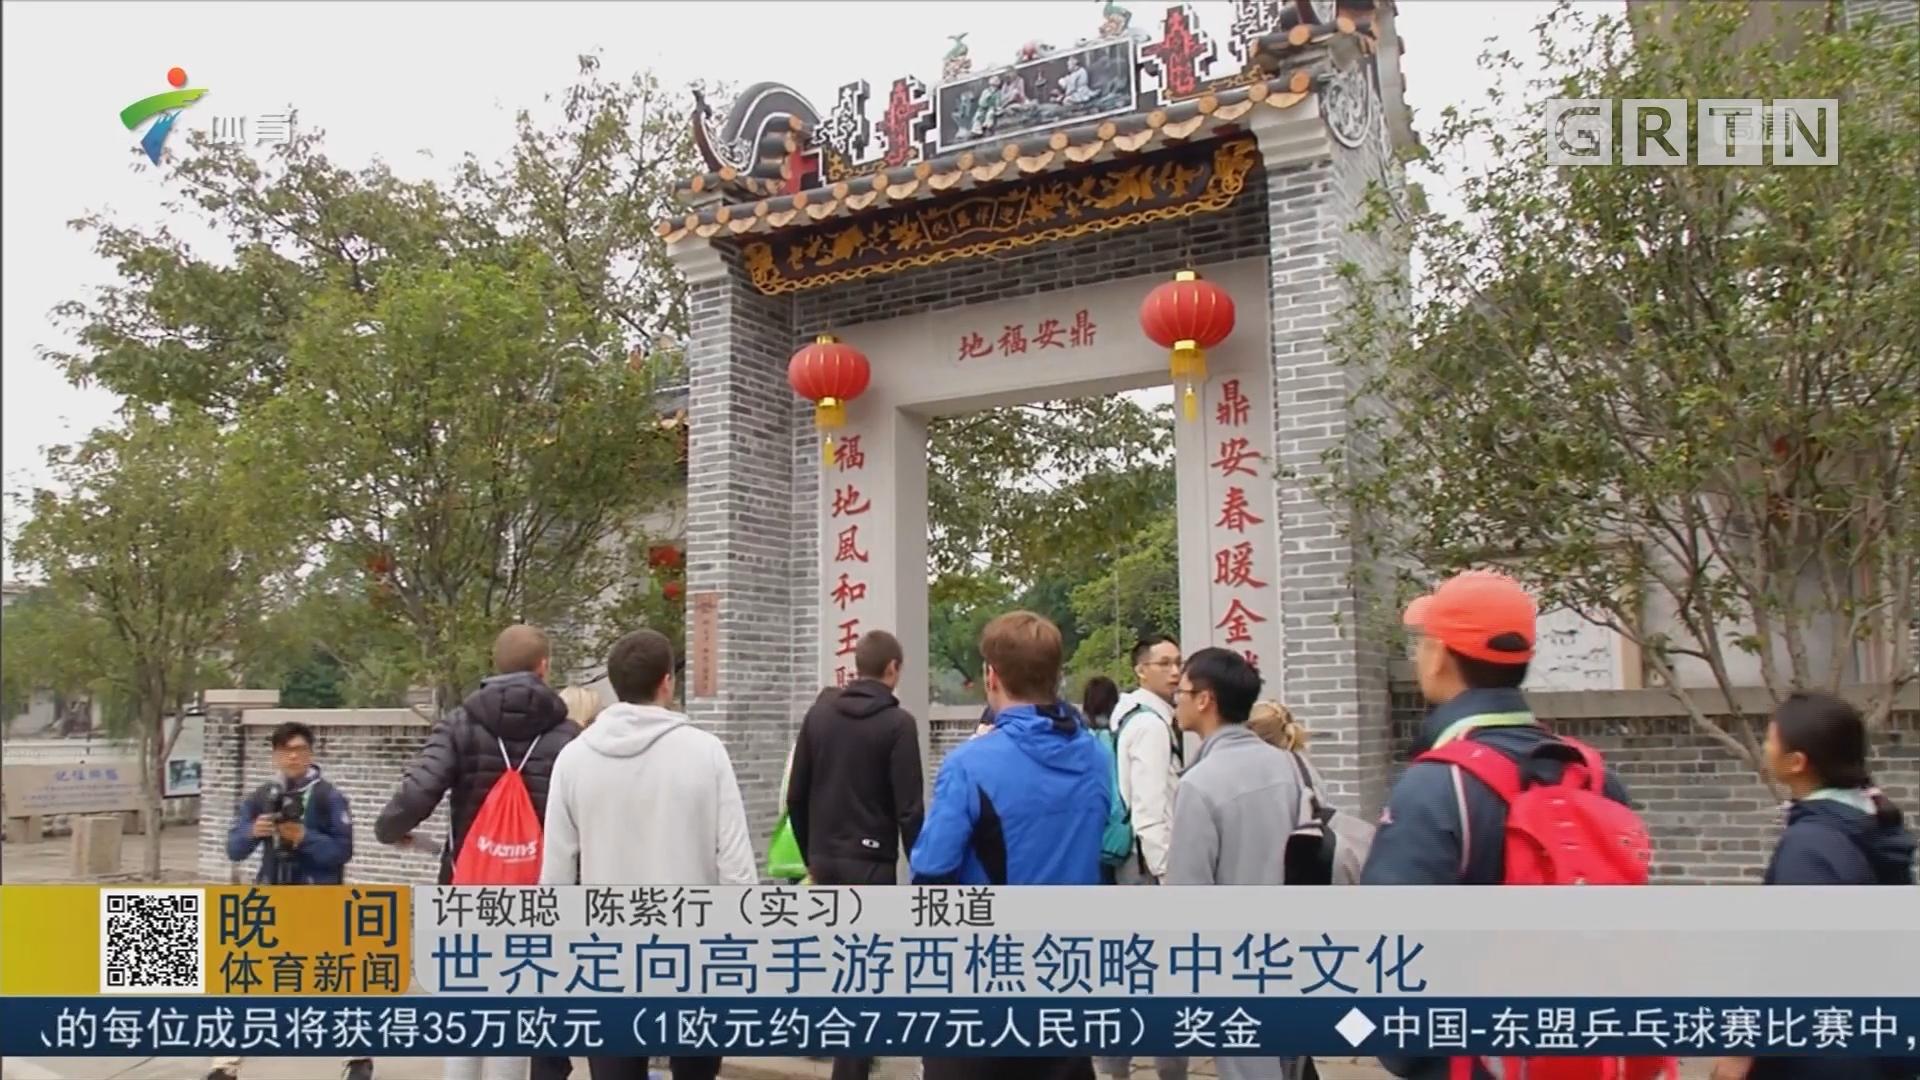 世界定向高手游西樵领略中华文化